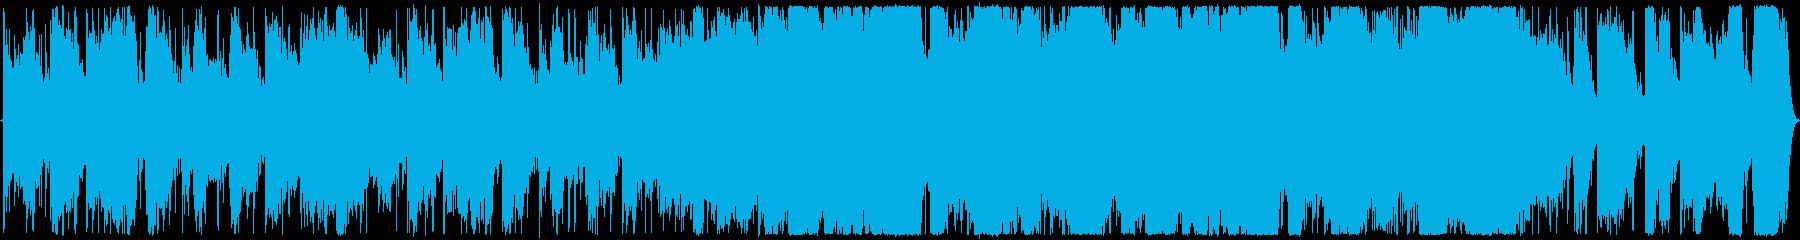 太古の時代をイメージの再生済みの波形